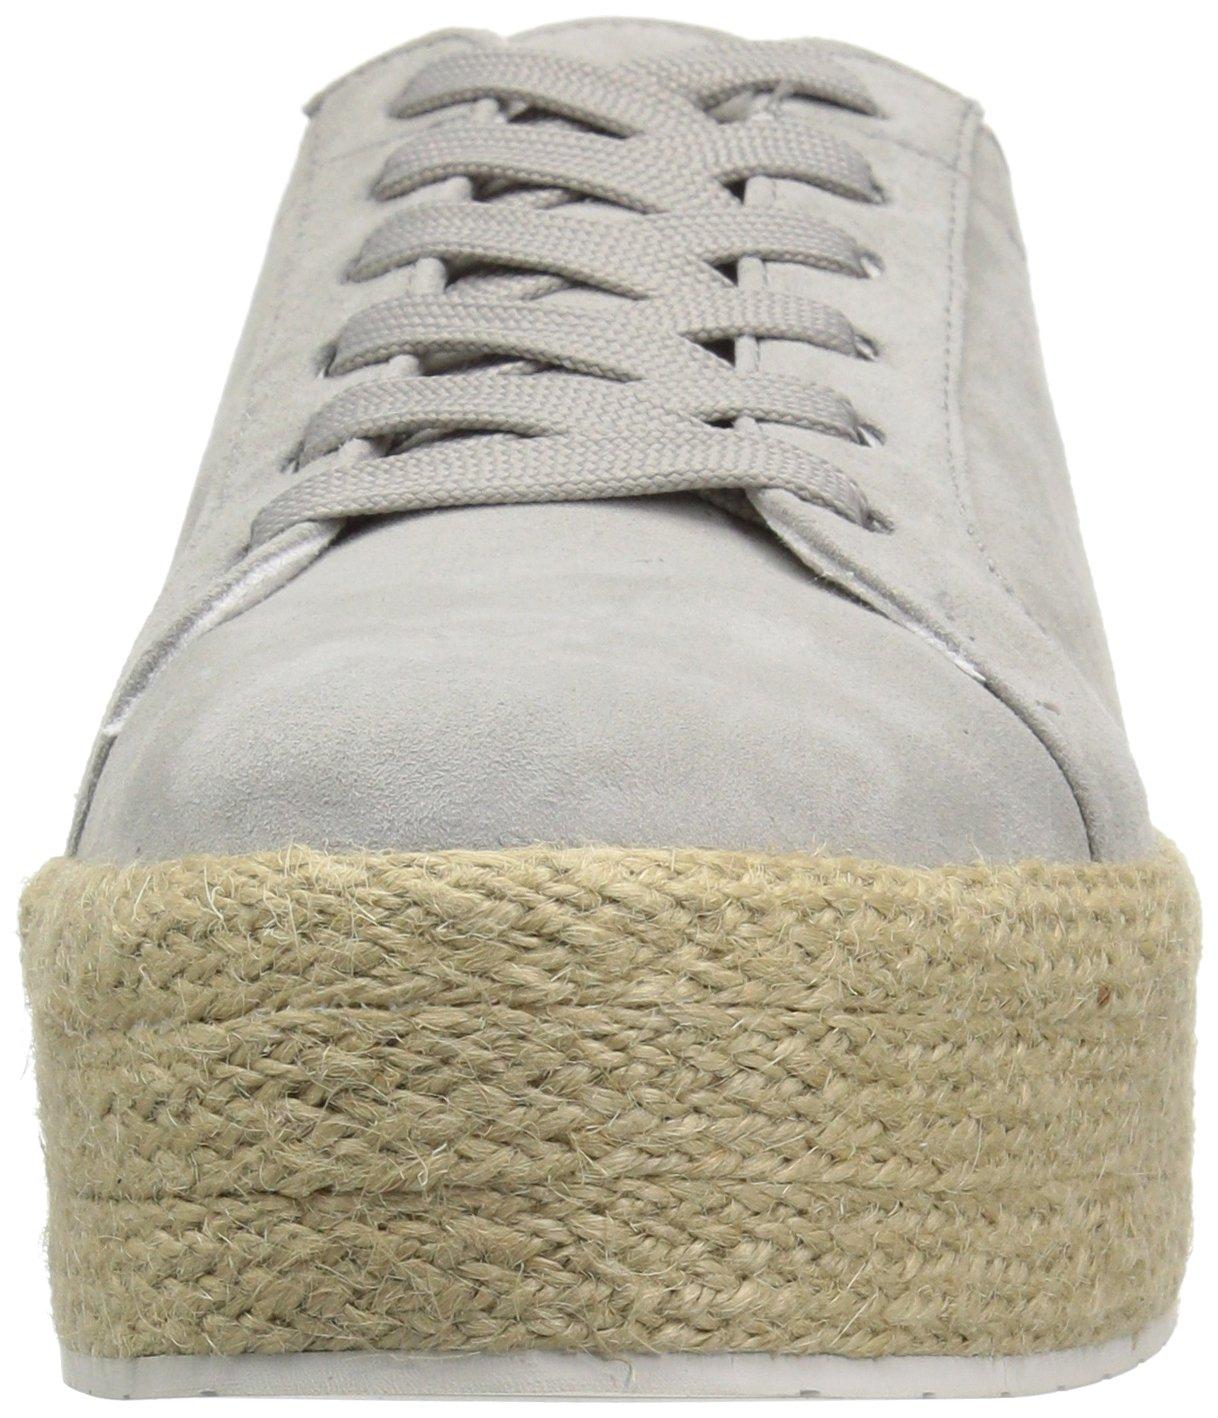 Kenneth Cole New York Women's Allyson Platform Lace B0754DF5P7 up Jute Wrap-Techni-Cole Sneaker B0754DF5P7 Lace 8.5 B(M) US|Dust Grey 3d67a2